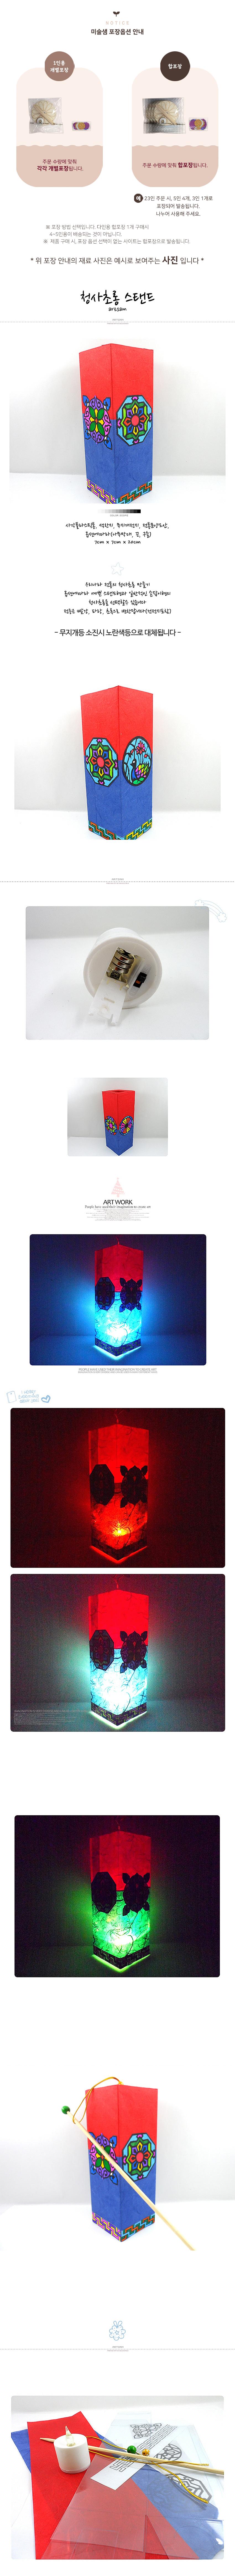 청사초롱 스탠드_나무손잡이형 - 미술샘, 3,000원, 종이공예/북아트, 종이공예 패키지